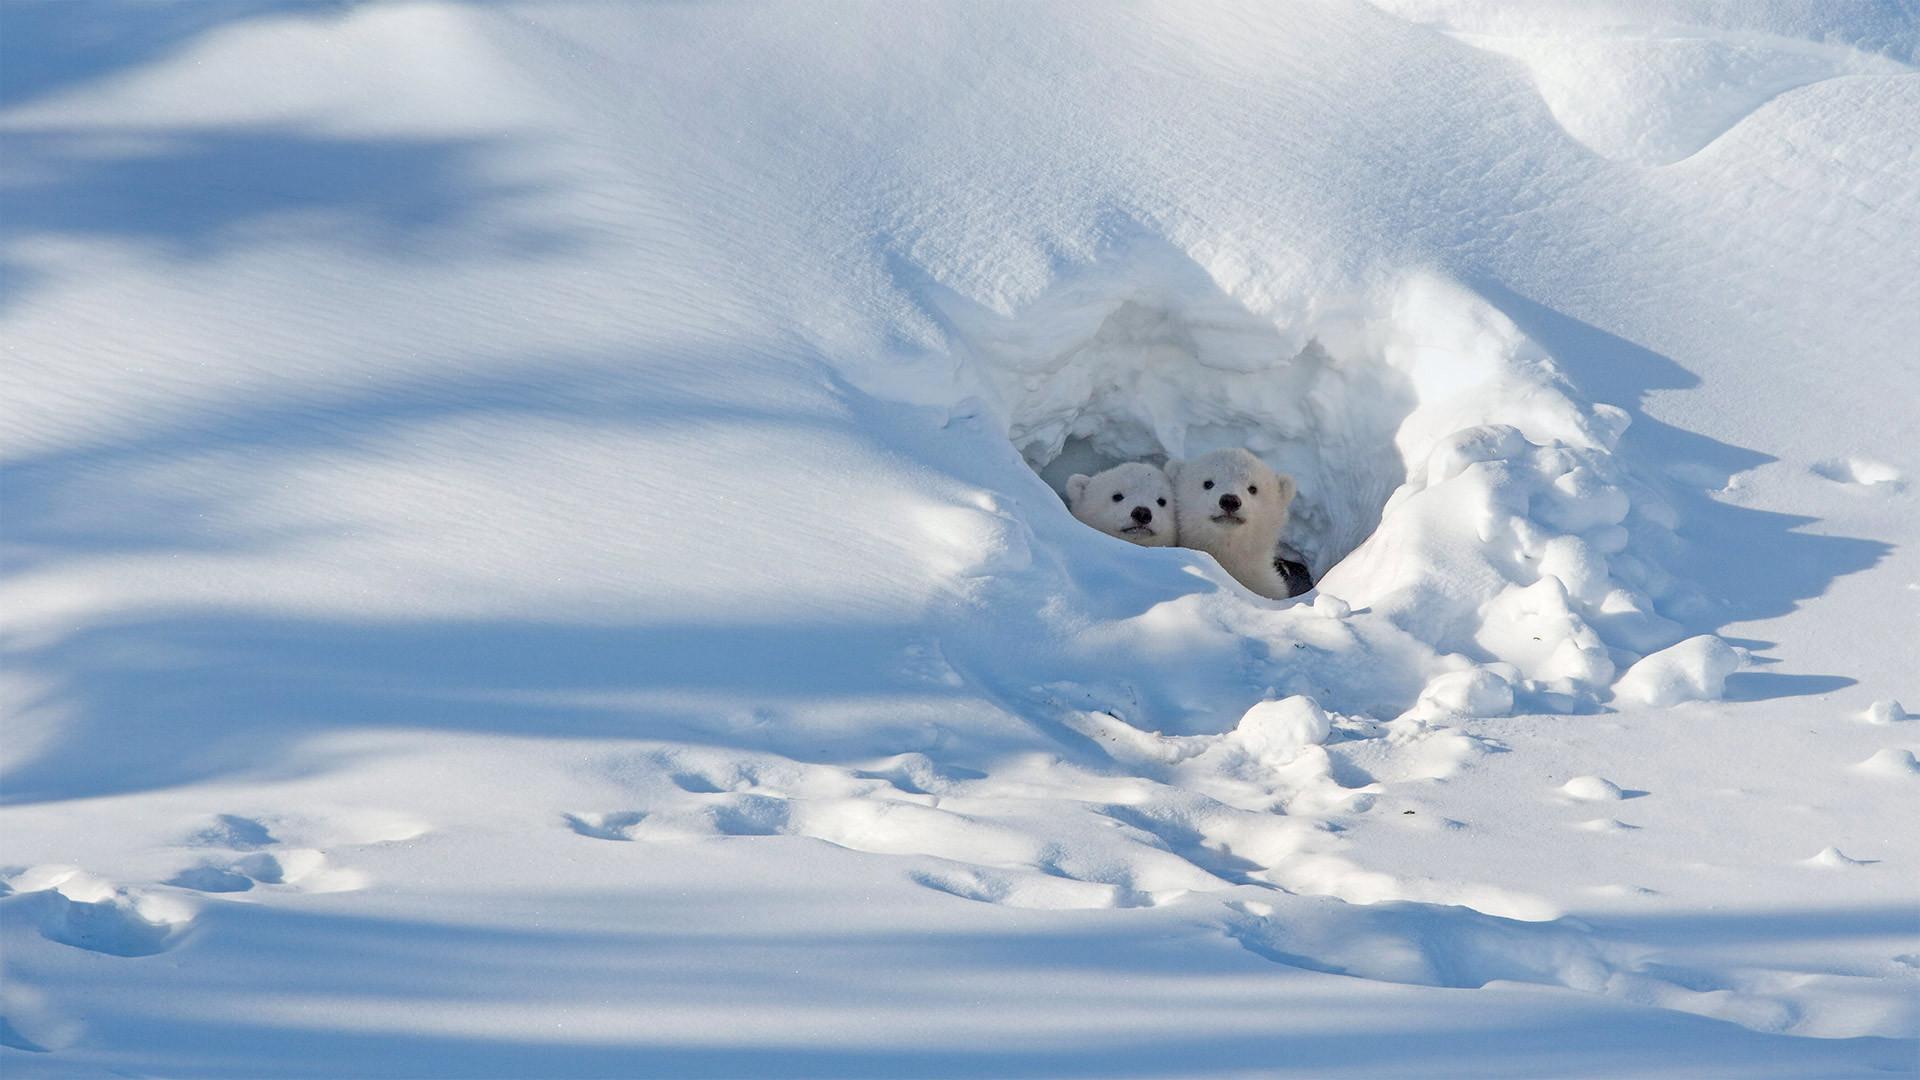 瓦普斯克国家公园内向洞穴外张望的北极熊幼崽北极熊